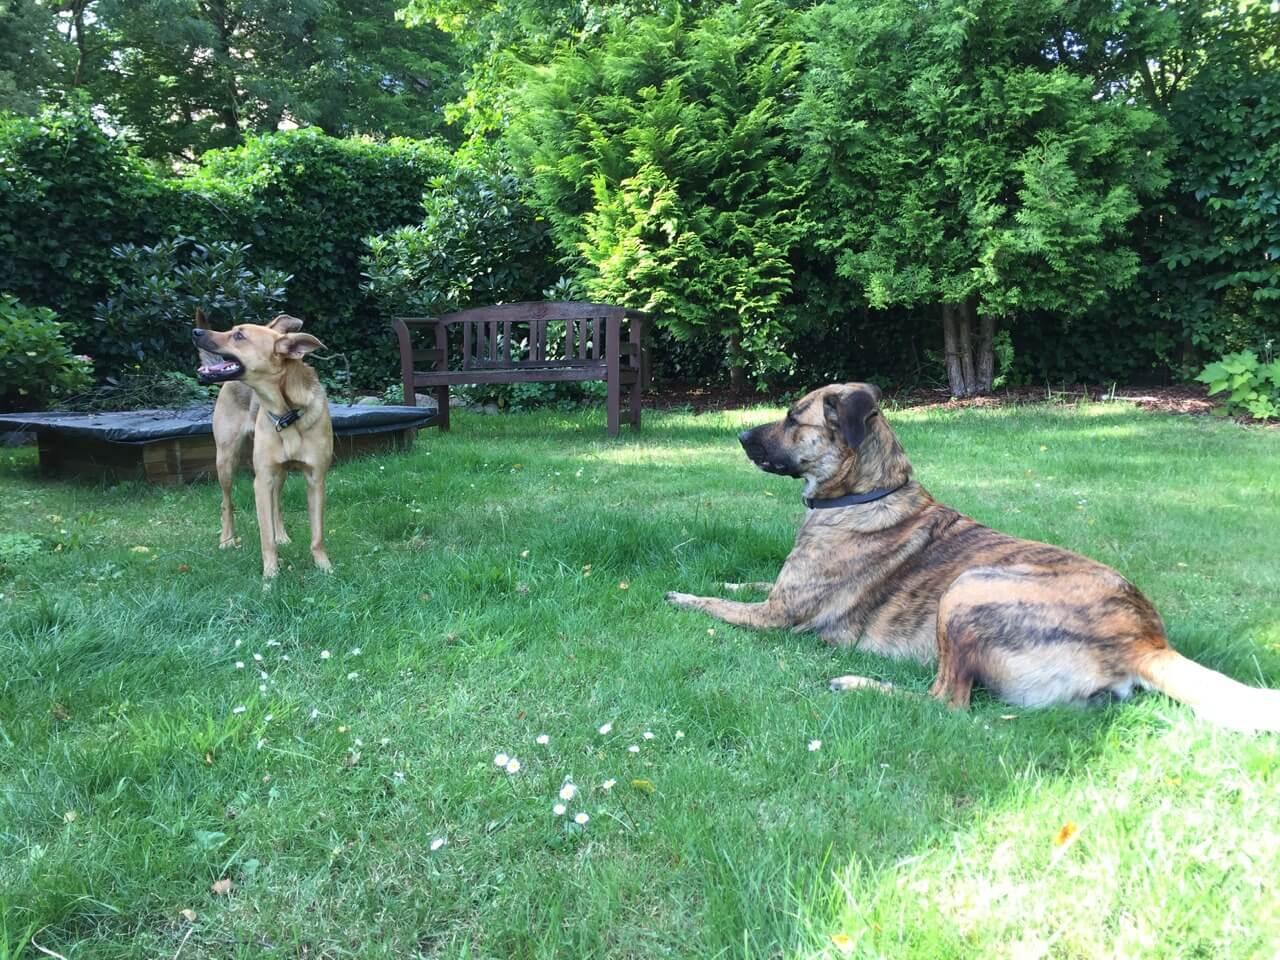 Ein Hund liegt rechts auf einer Wiese und schaut auf eine links stehende Hündin, die demonstrativ den Kopf wegdreht